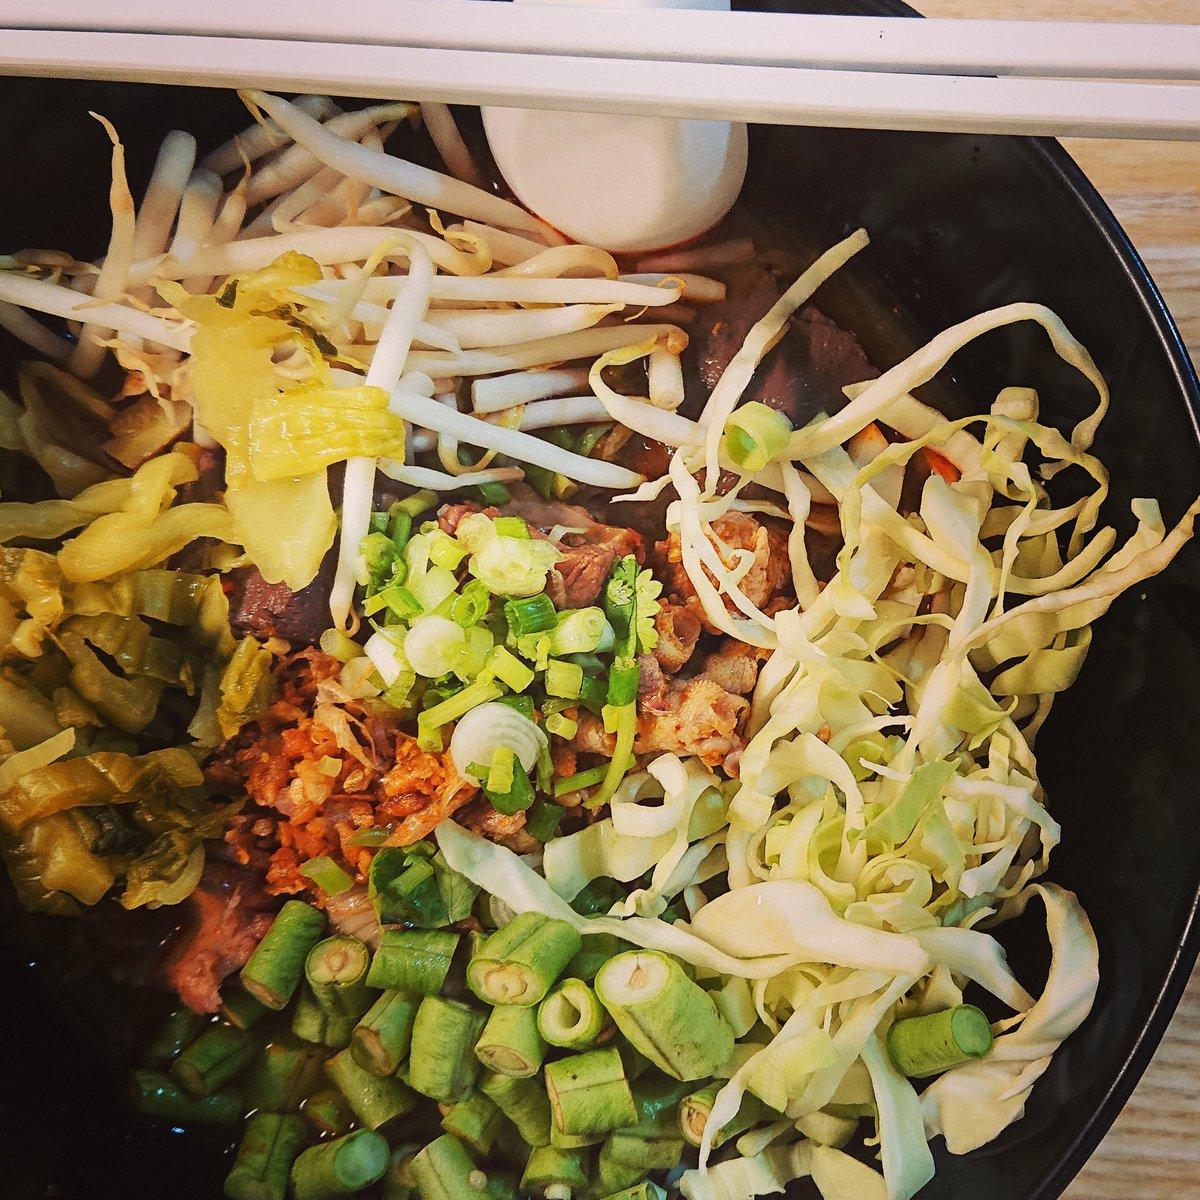 test ツイッターメディア - チェンライの麺料理、カノムヂンナムギャオ。 トマトと唐辛子と納豆のスープに発酵米麺、具はモチジやら血豆腐やら。 野菜を好きなだけトッピング。 この納豆の使い方が北タイの風味でチェンマイを思い出す #タイ #バンコク #タイ現地採用 #バンコク生活 #タイの日本人 #タイ料理 #タイ文化 #タイ音楽 https://t.co/l1M7zF1vfQ